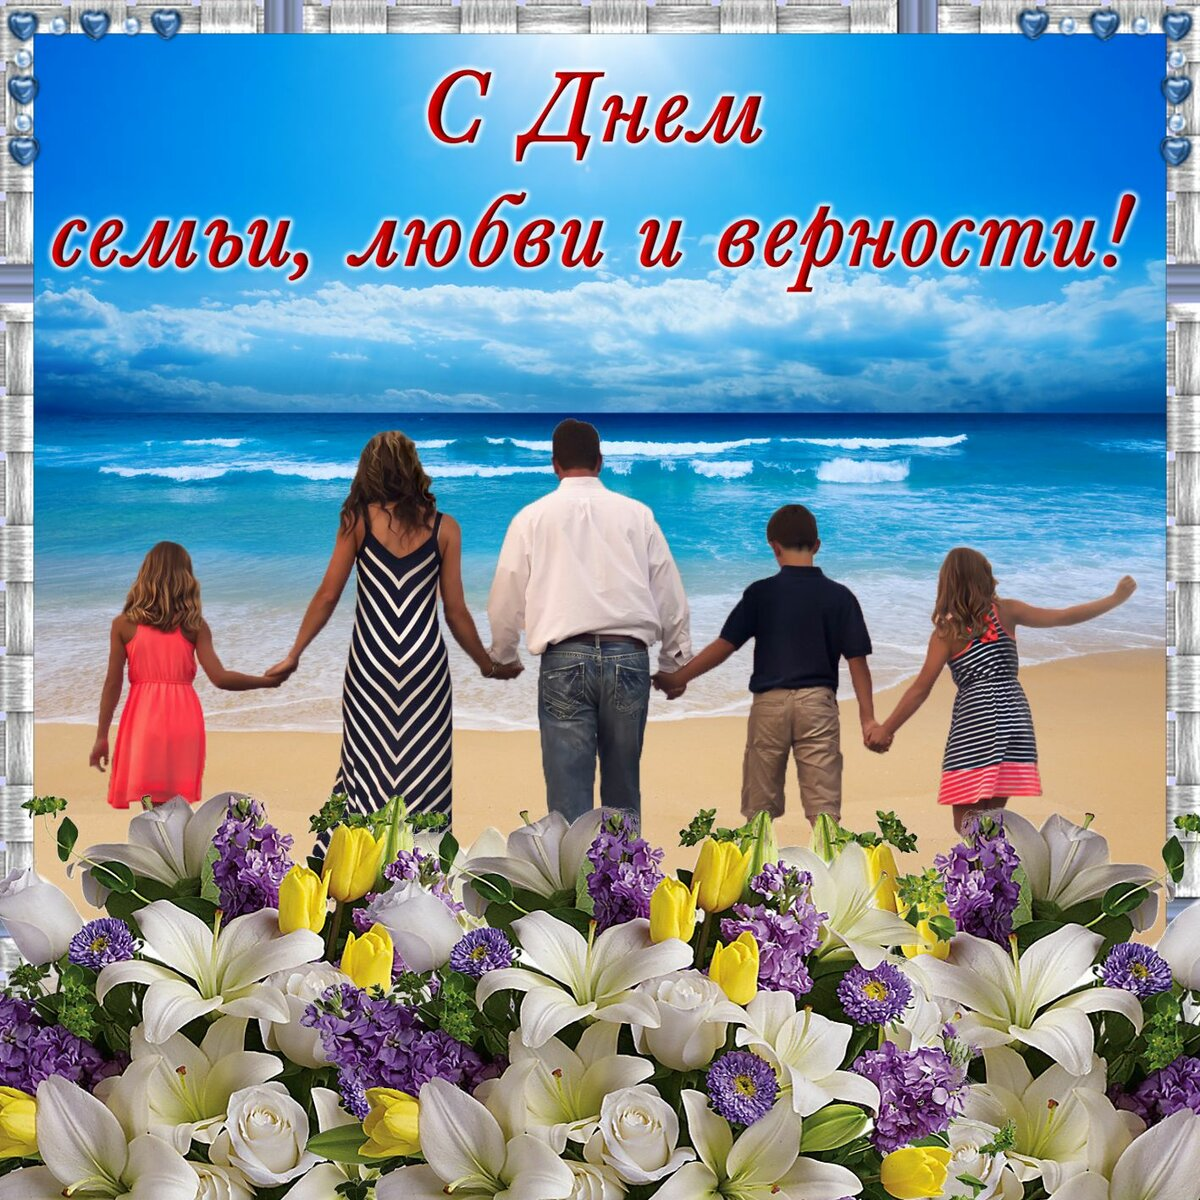 деньгами также с днем семьи любви и верности картинки ничто так украшает